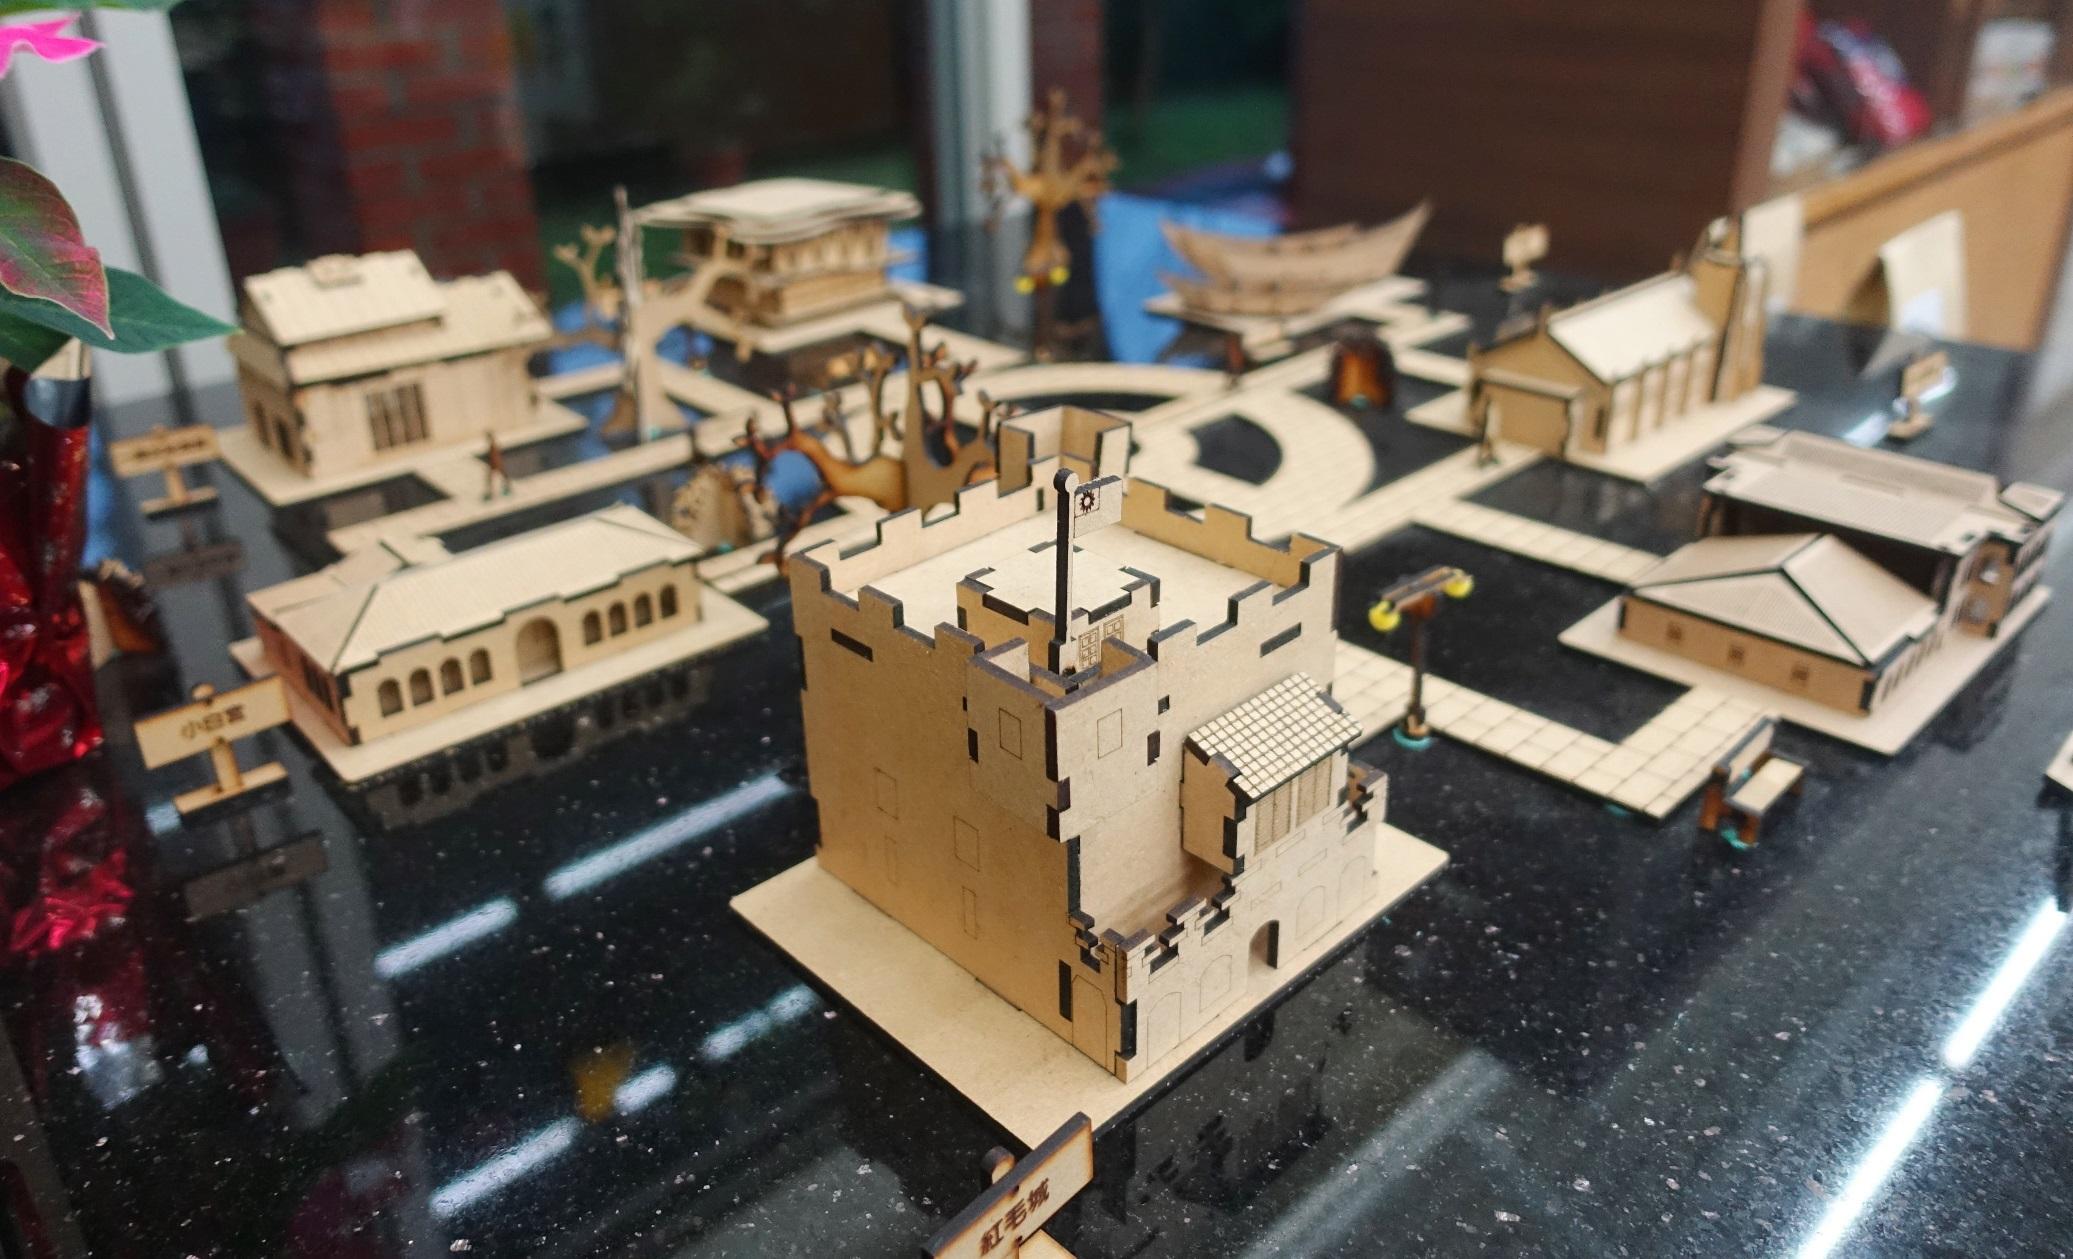 由台北海大視傳系學生創作的「拼了!滬尾」3D立體拼圖,獲得2017德國紅點設計大獎,於新北市立淡水古蹟博物館紀念品商店獨家販售。